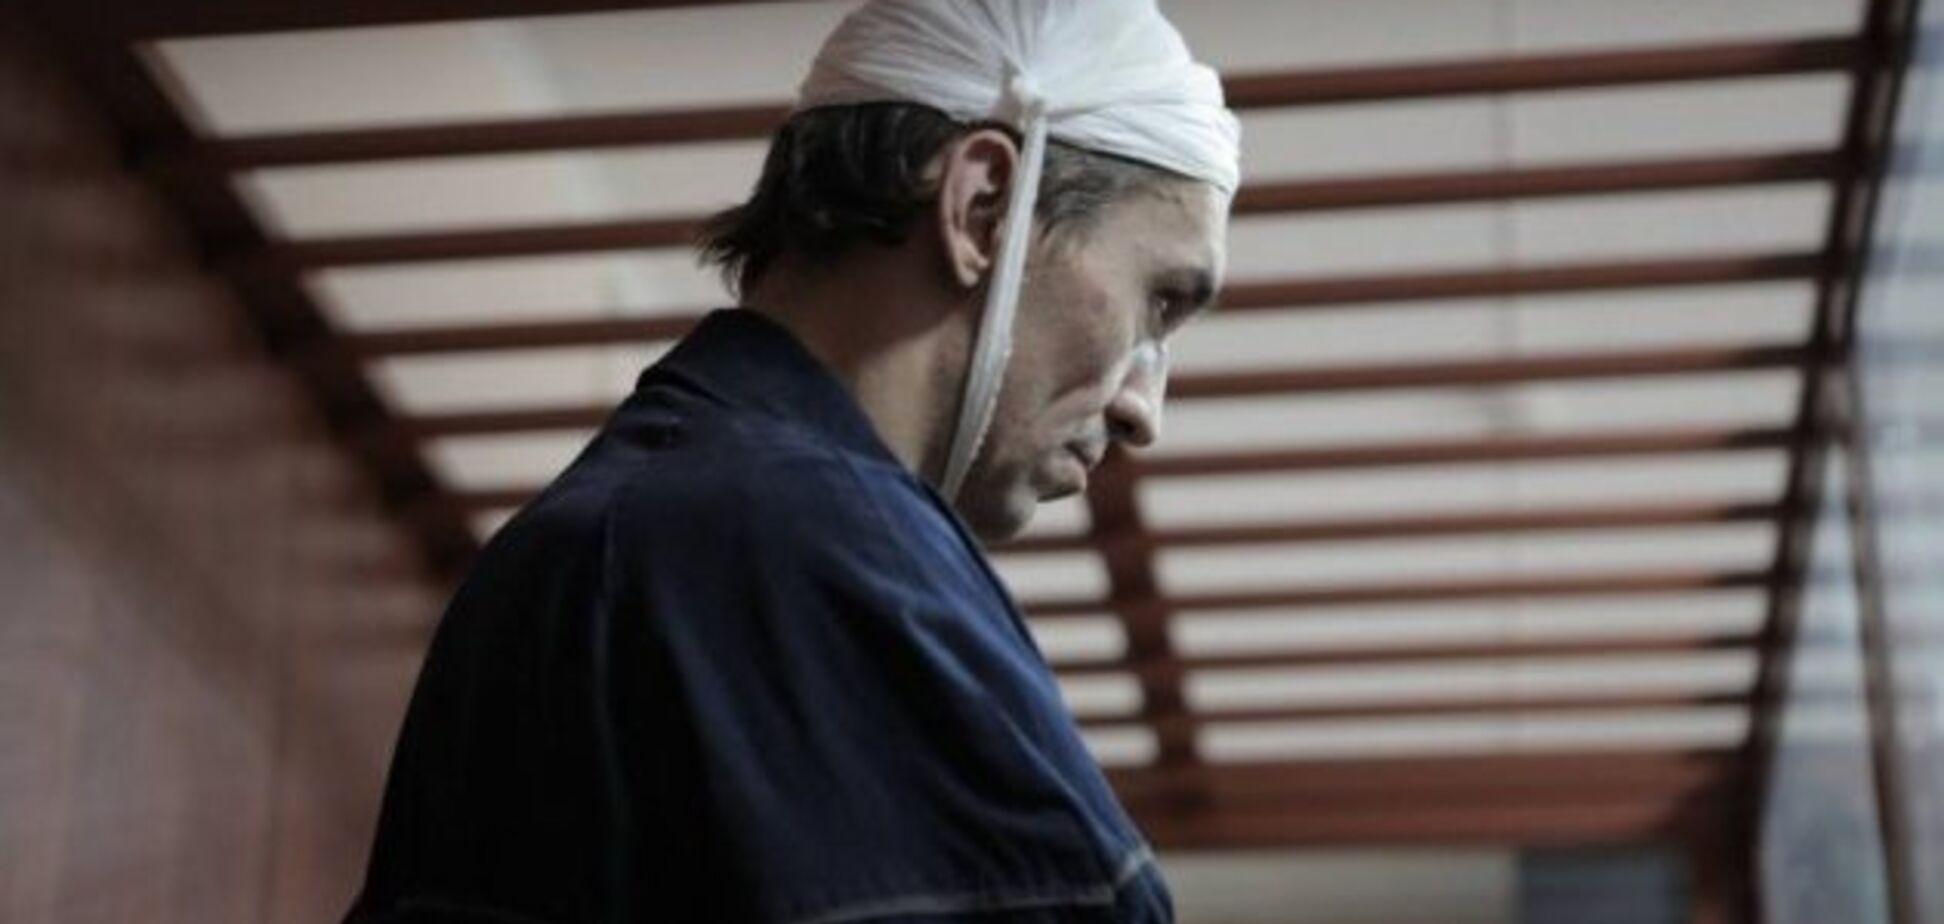 Нападник на 'Укрпошту' в Харкові назвав себе 'Месією' і 'сином Бога'